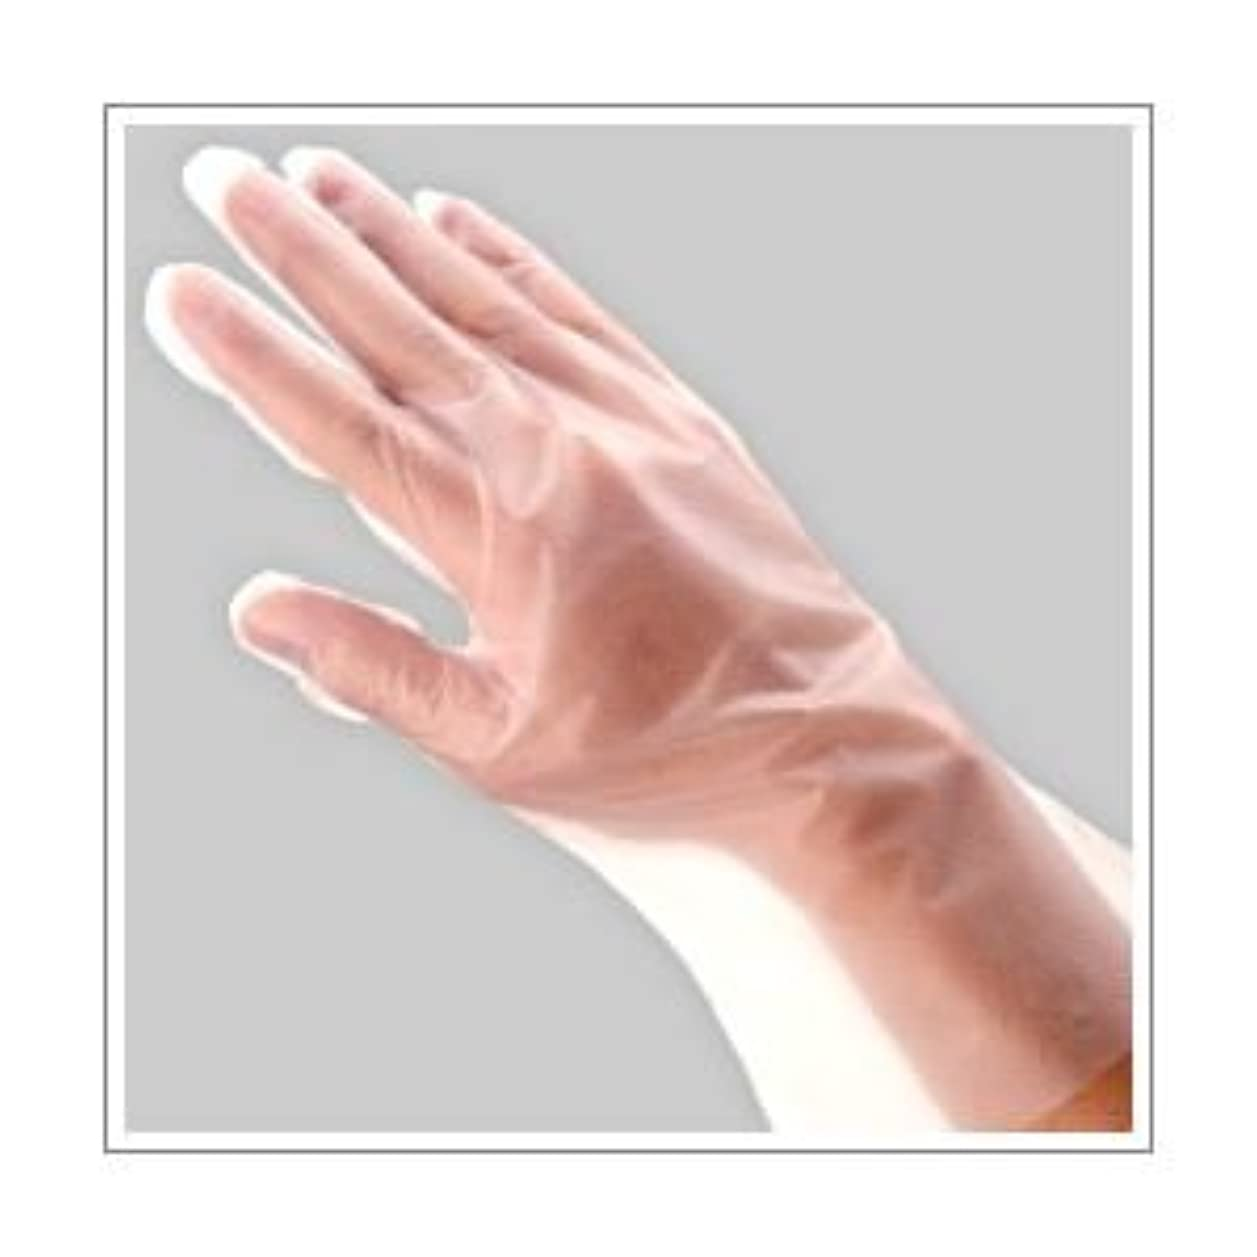 毎回絶縁する明確に福助工業 ポリ手袋 指フィット 100枚パック S ×10セット